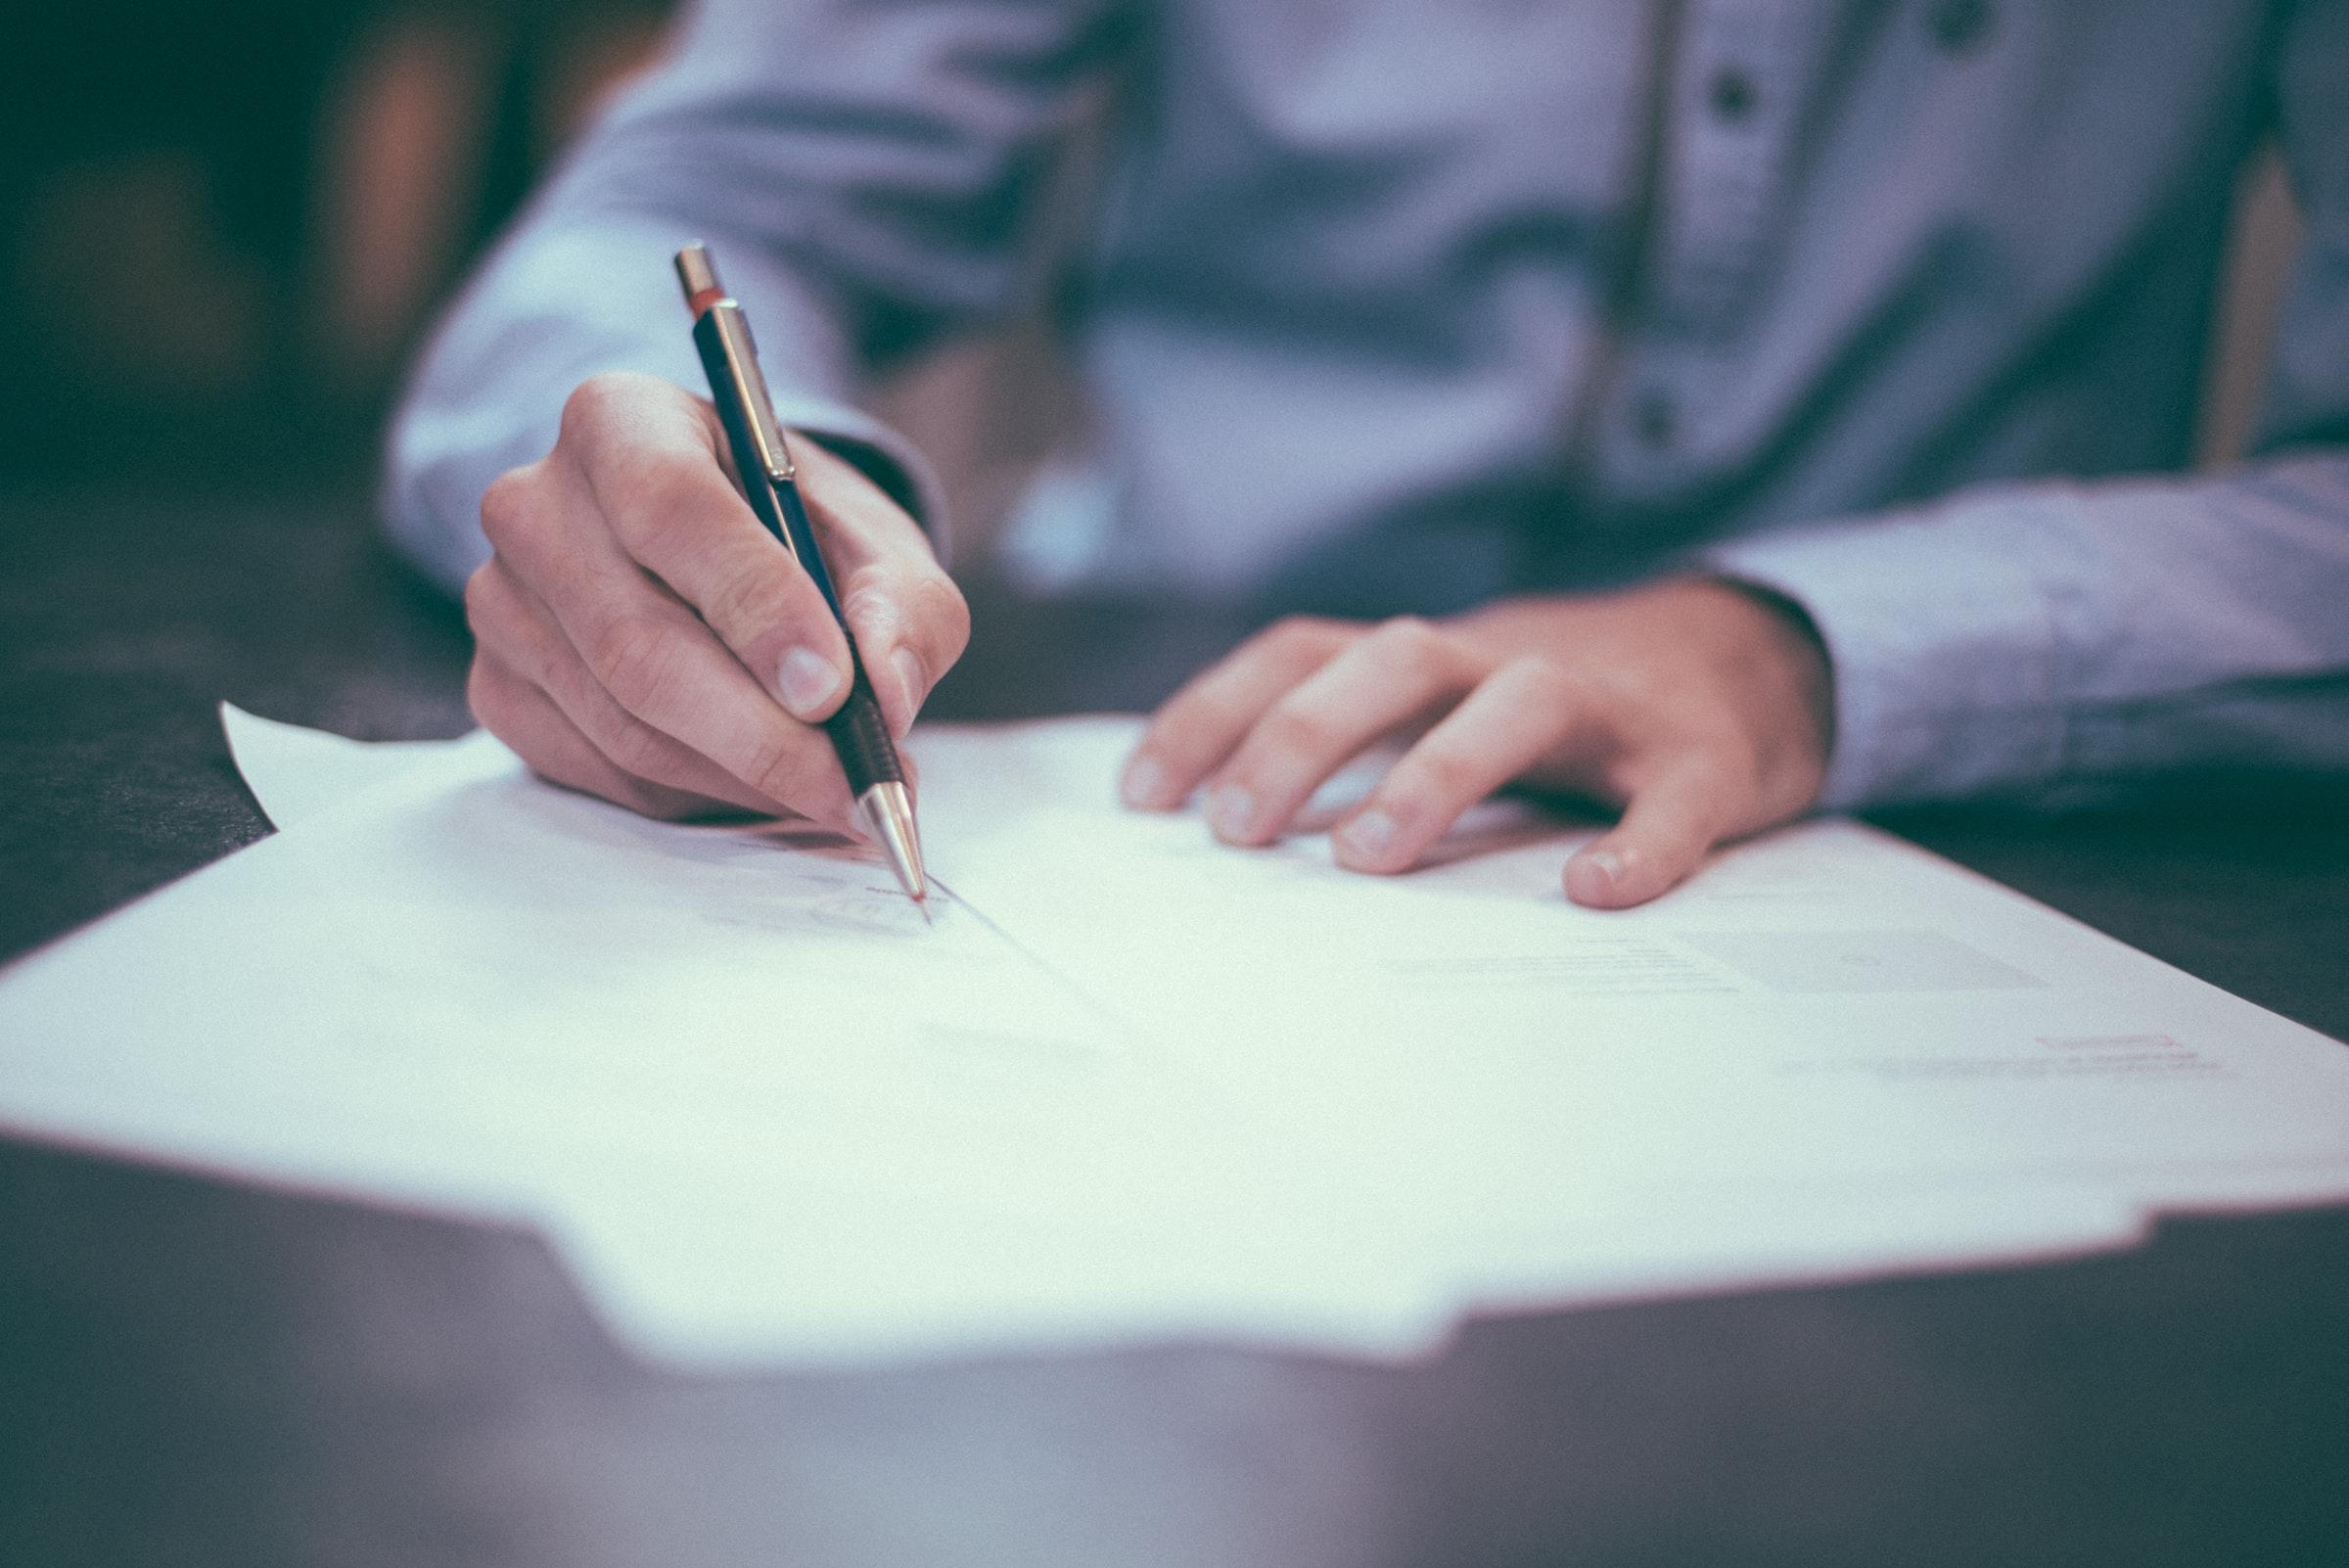 Meningkatkan Engagement Antara Karyawan dan Manajer